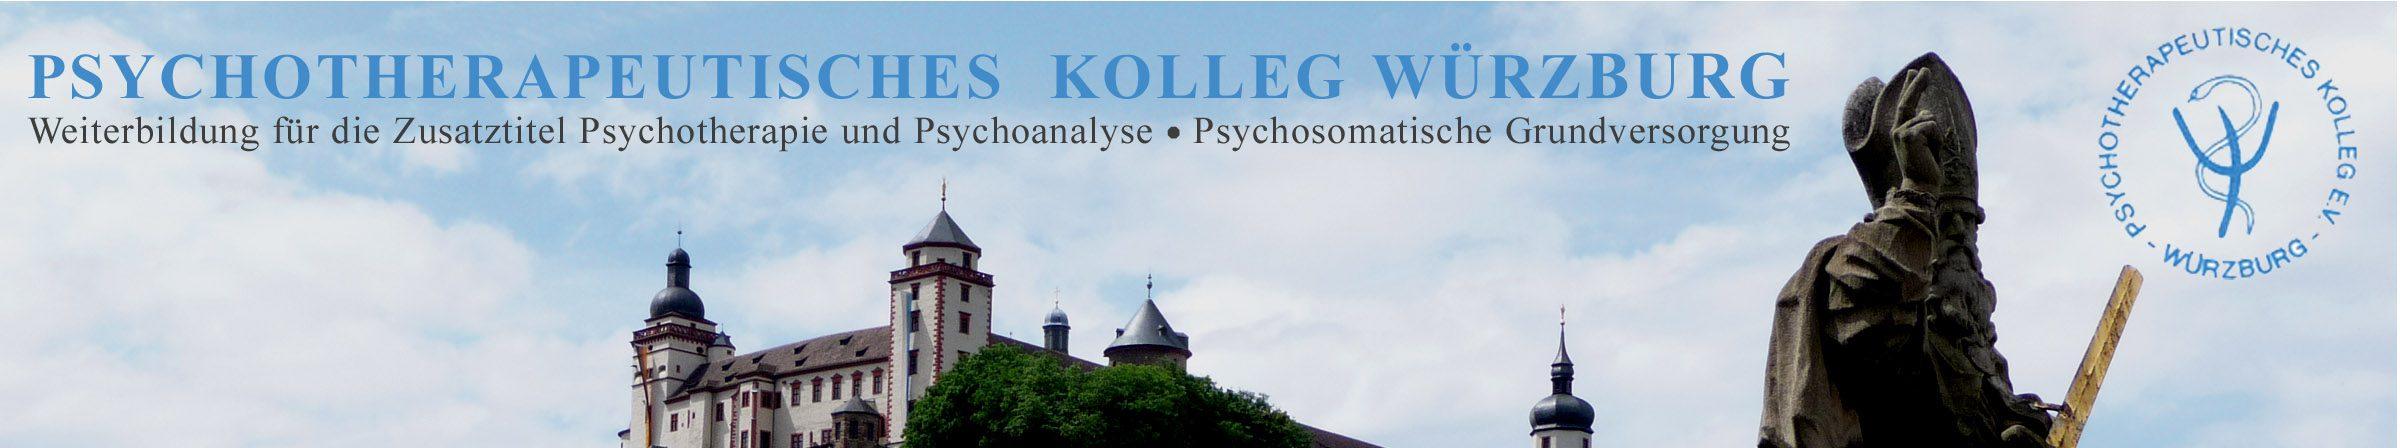 Psychotherapeutisches Kolleg Würzburg